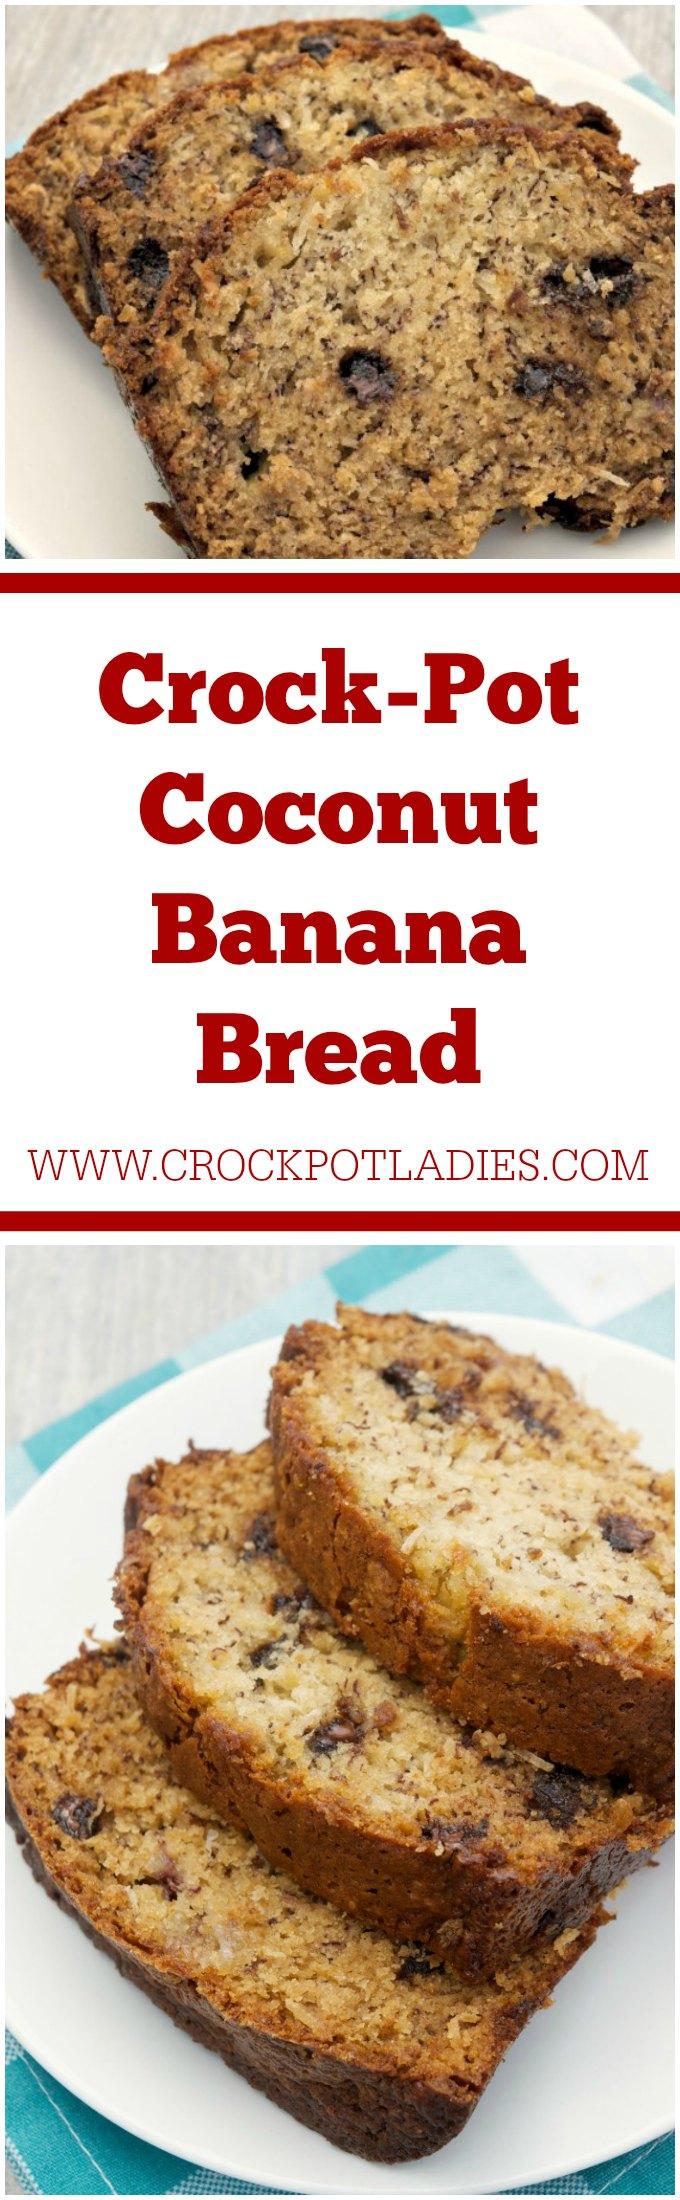 Crock-Pot Coconut Banana Bread